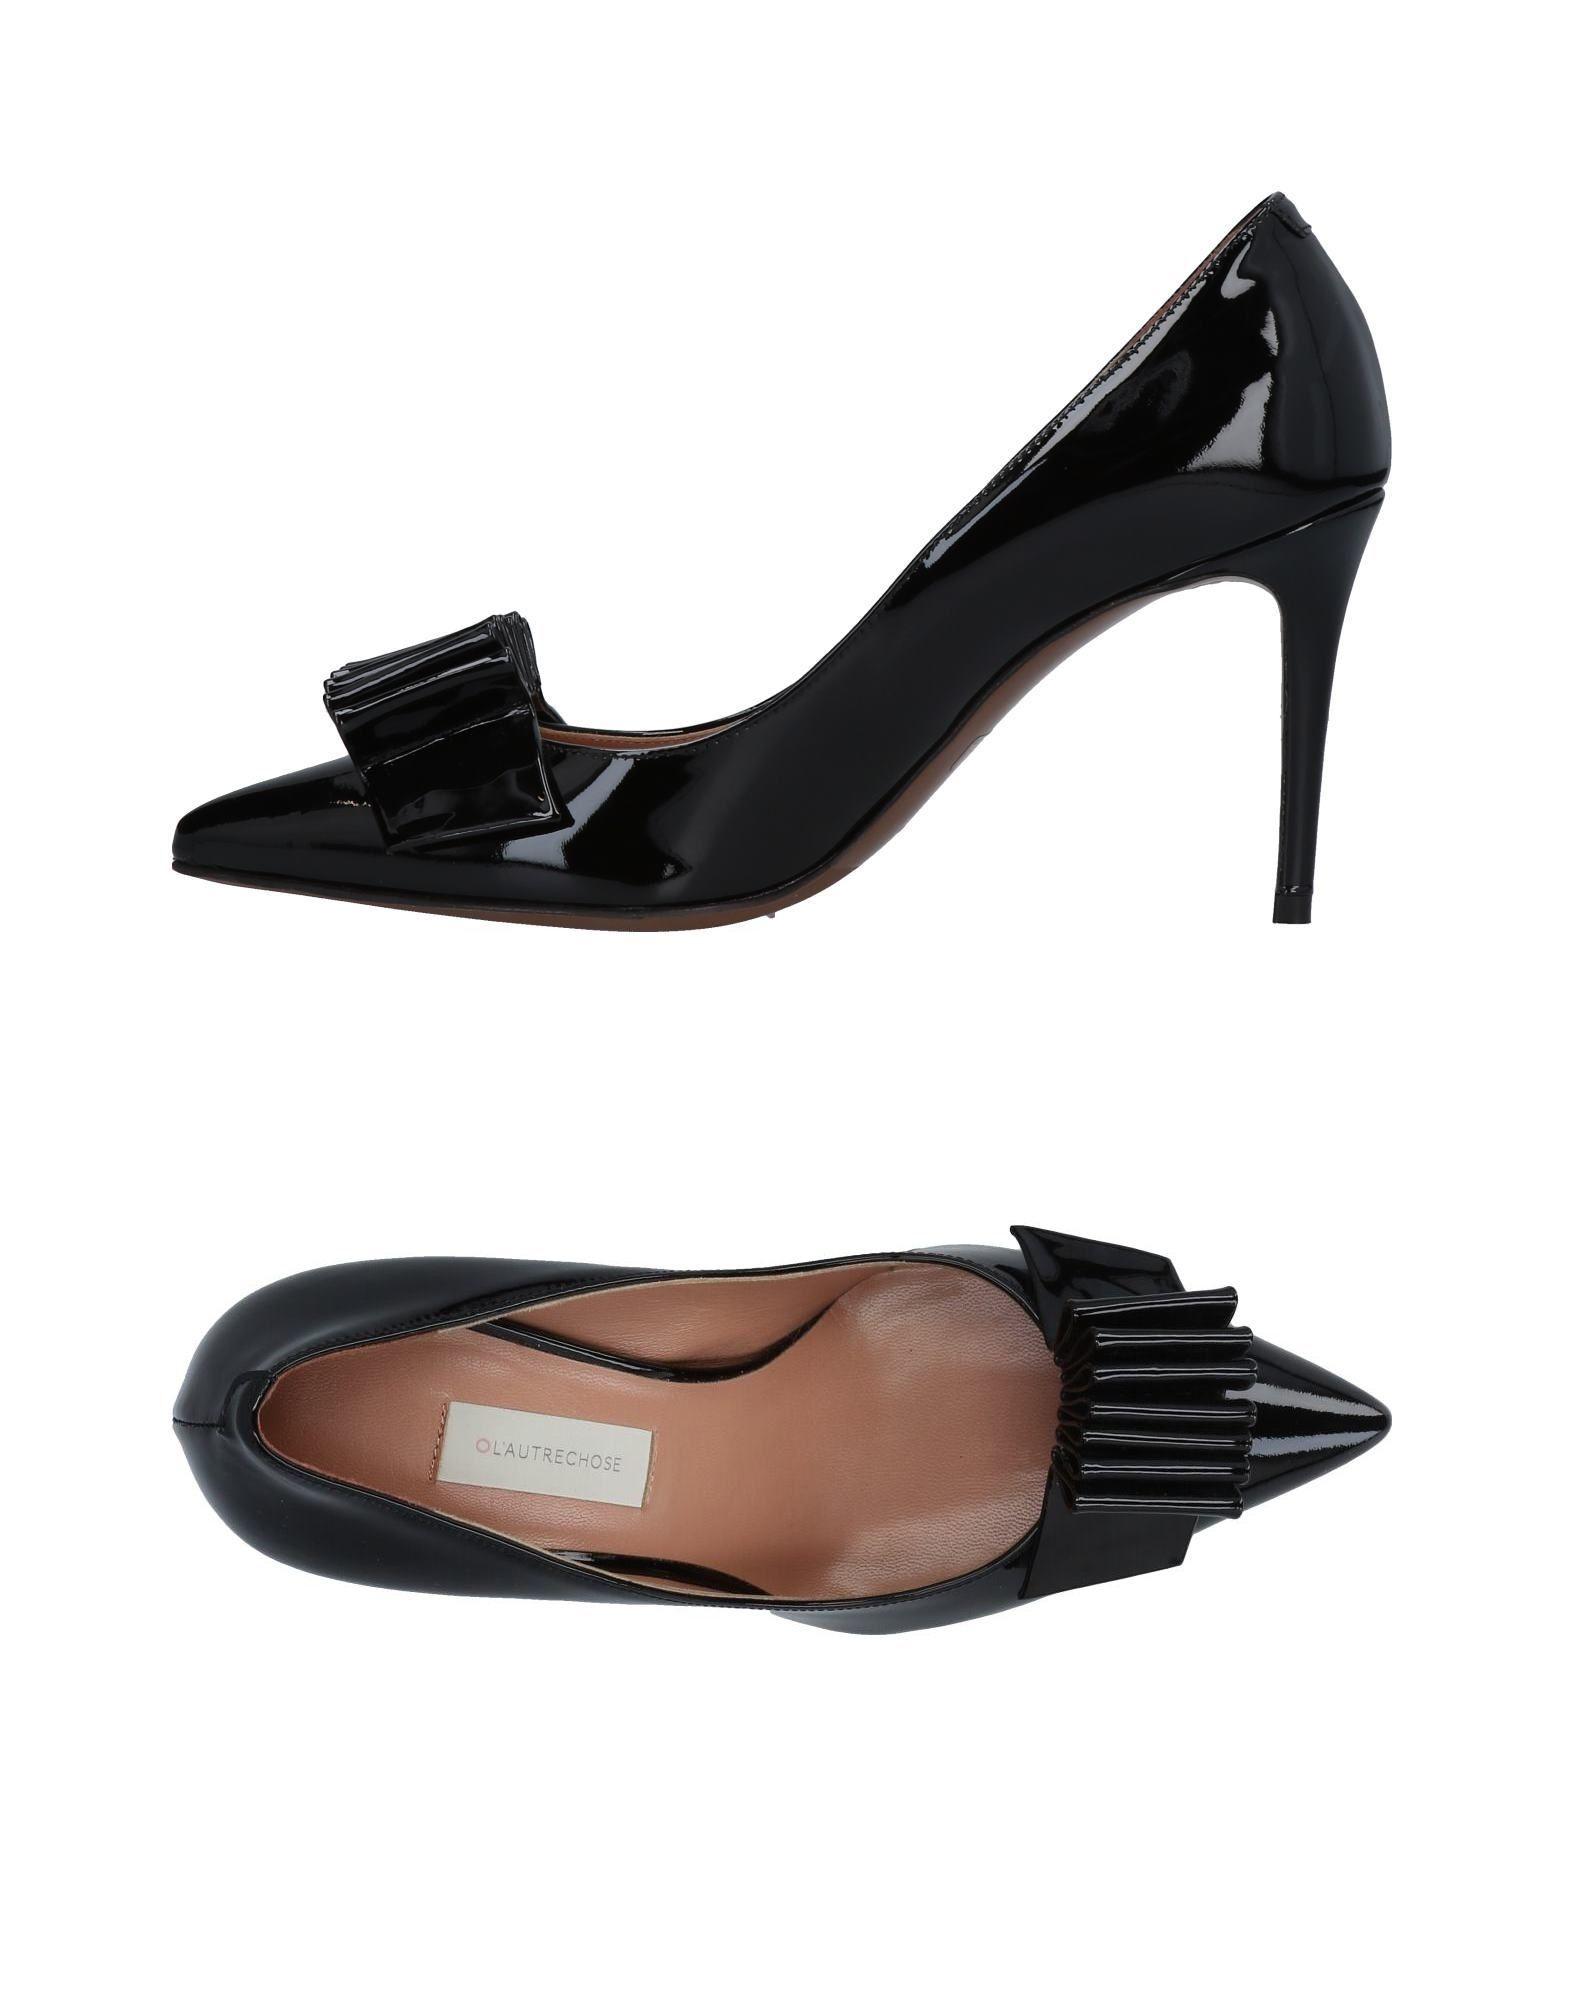 Escarpins L' Autre Chose Femme - Escarpins L' Autre Chose Chair Les chaussures les plus populaires pour les hommes et les femmes